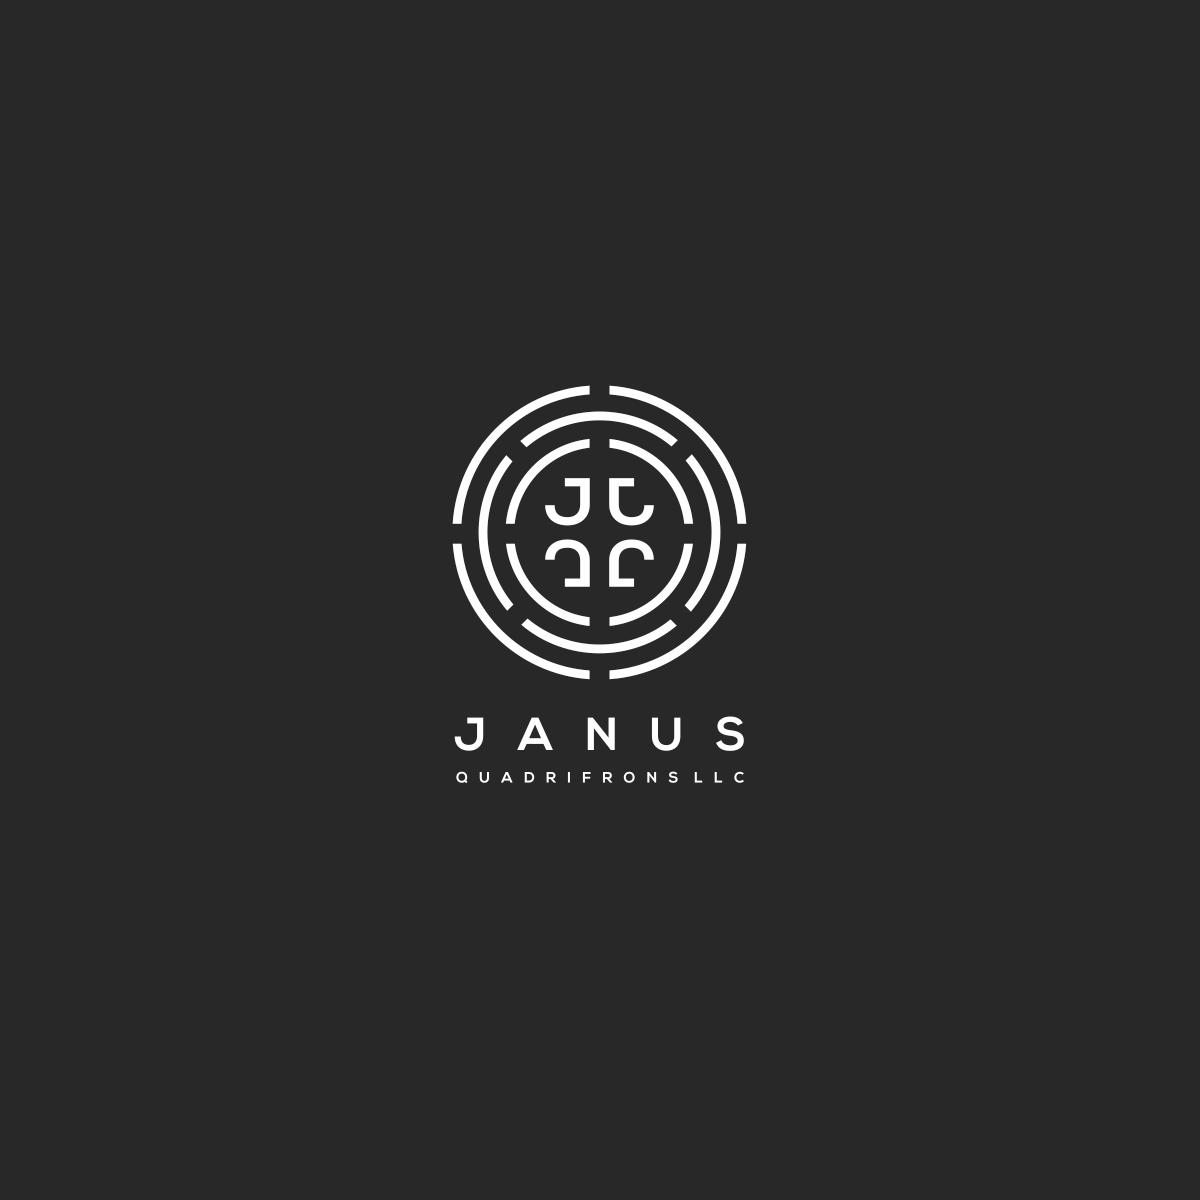 JQ LLC Project